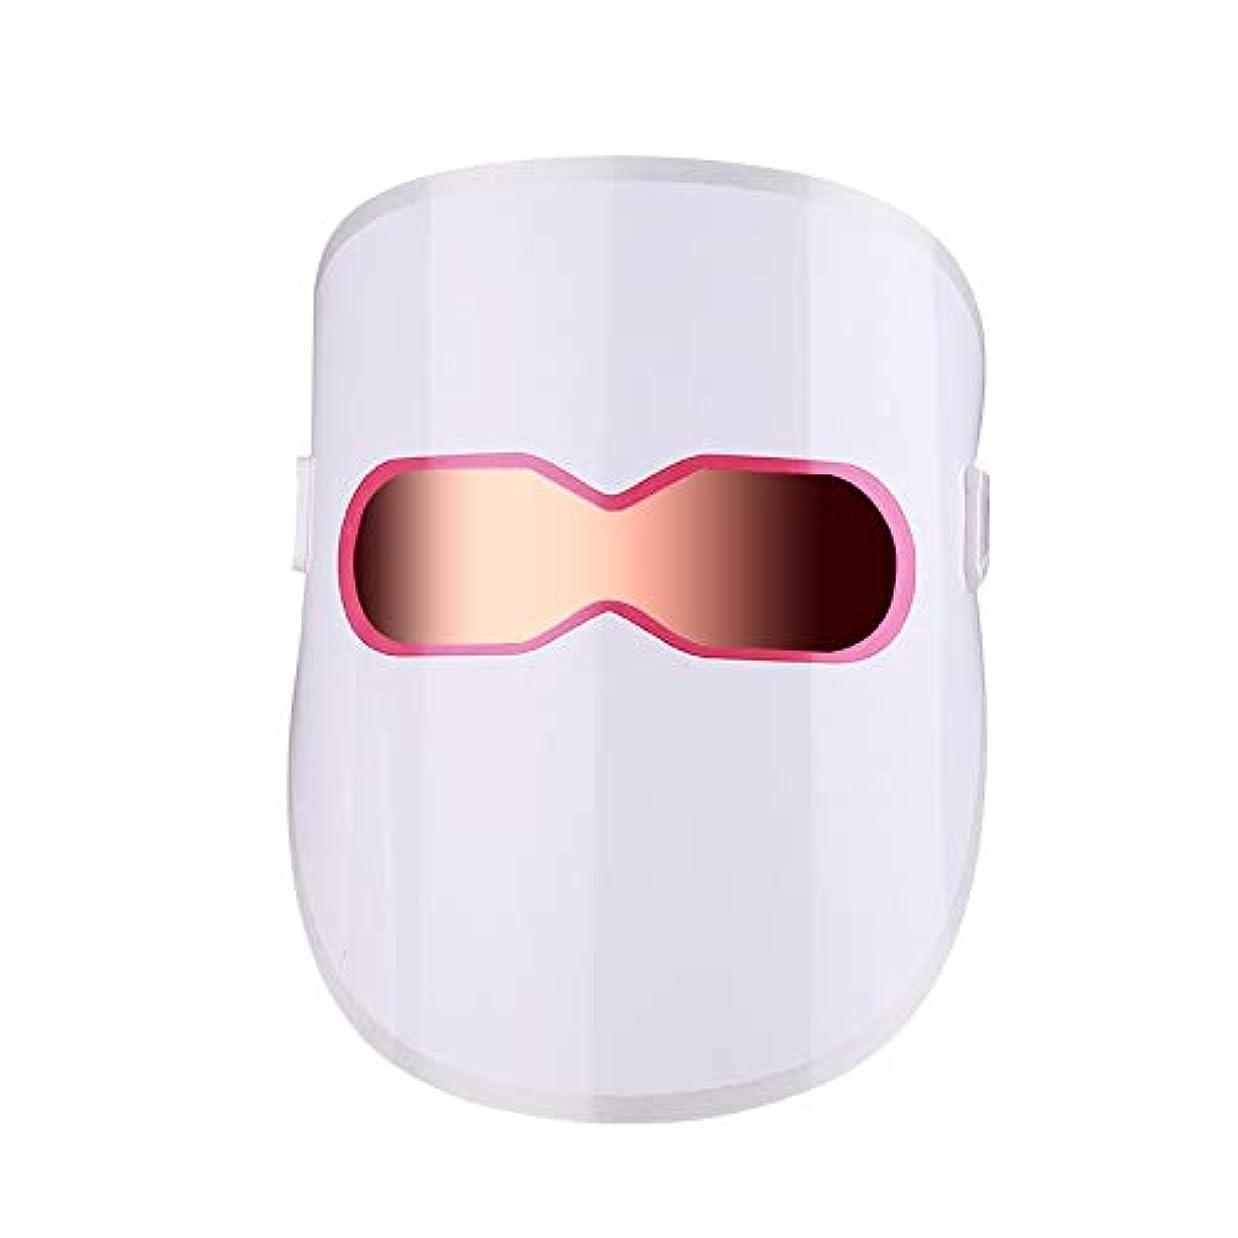 教師の日アフリカ人ハンディ3色LEDマスクゴールドLEDライトセラピートリートメントフェイシャルビューティースキンケアフォトンセラピーマスクにきびしわホワイトニング